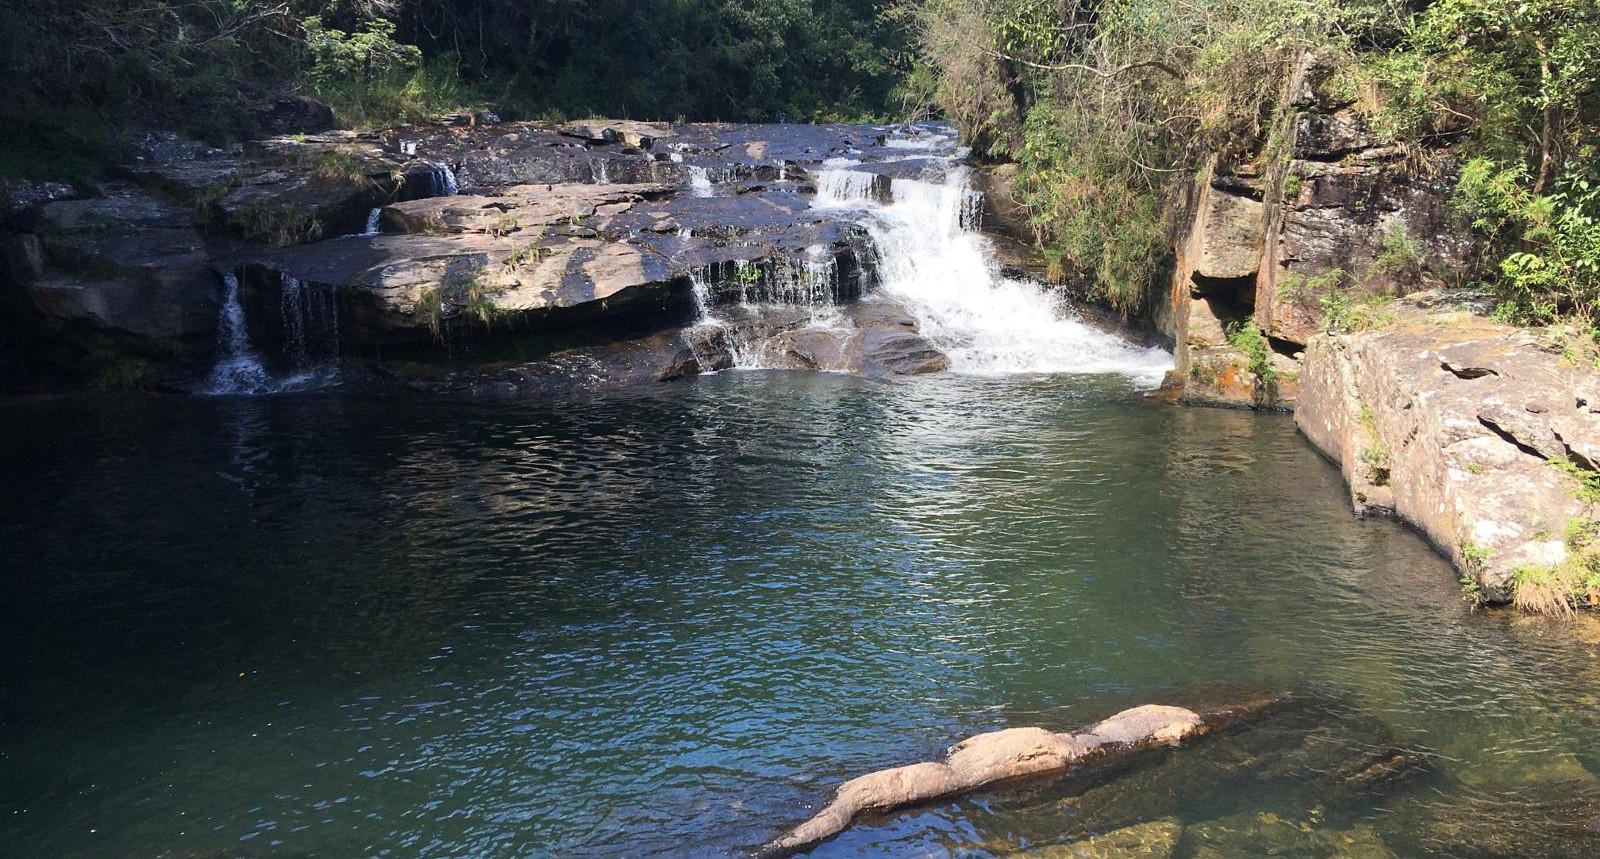 Cachoeira das Onças